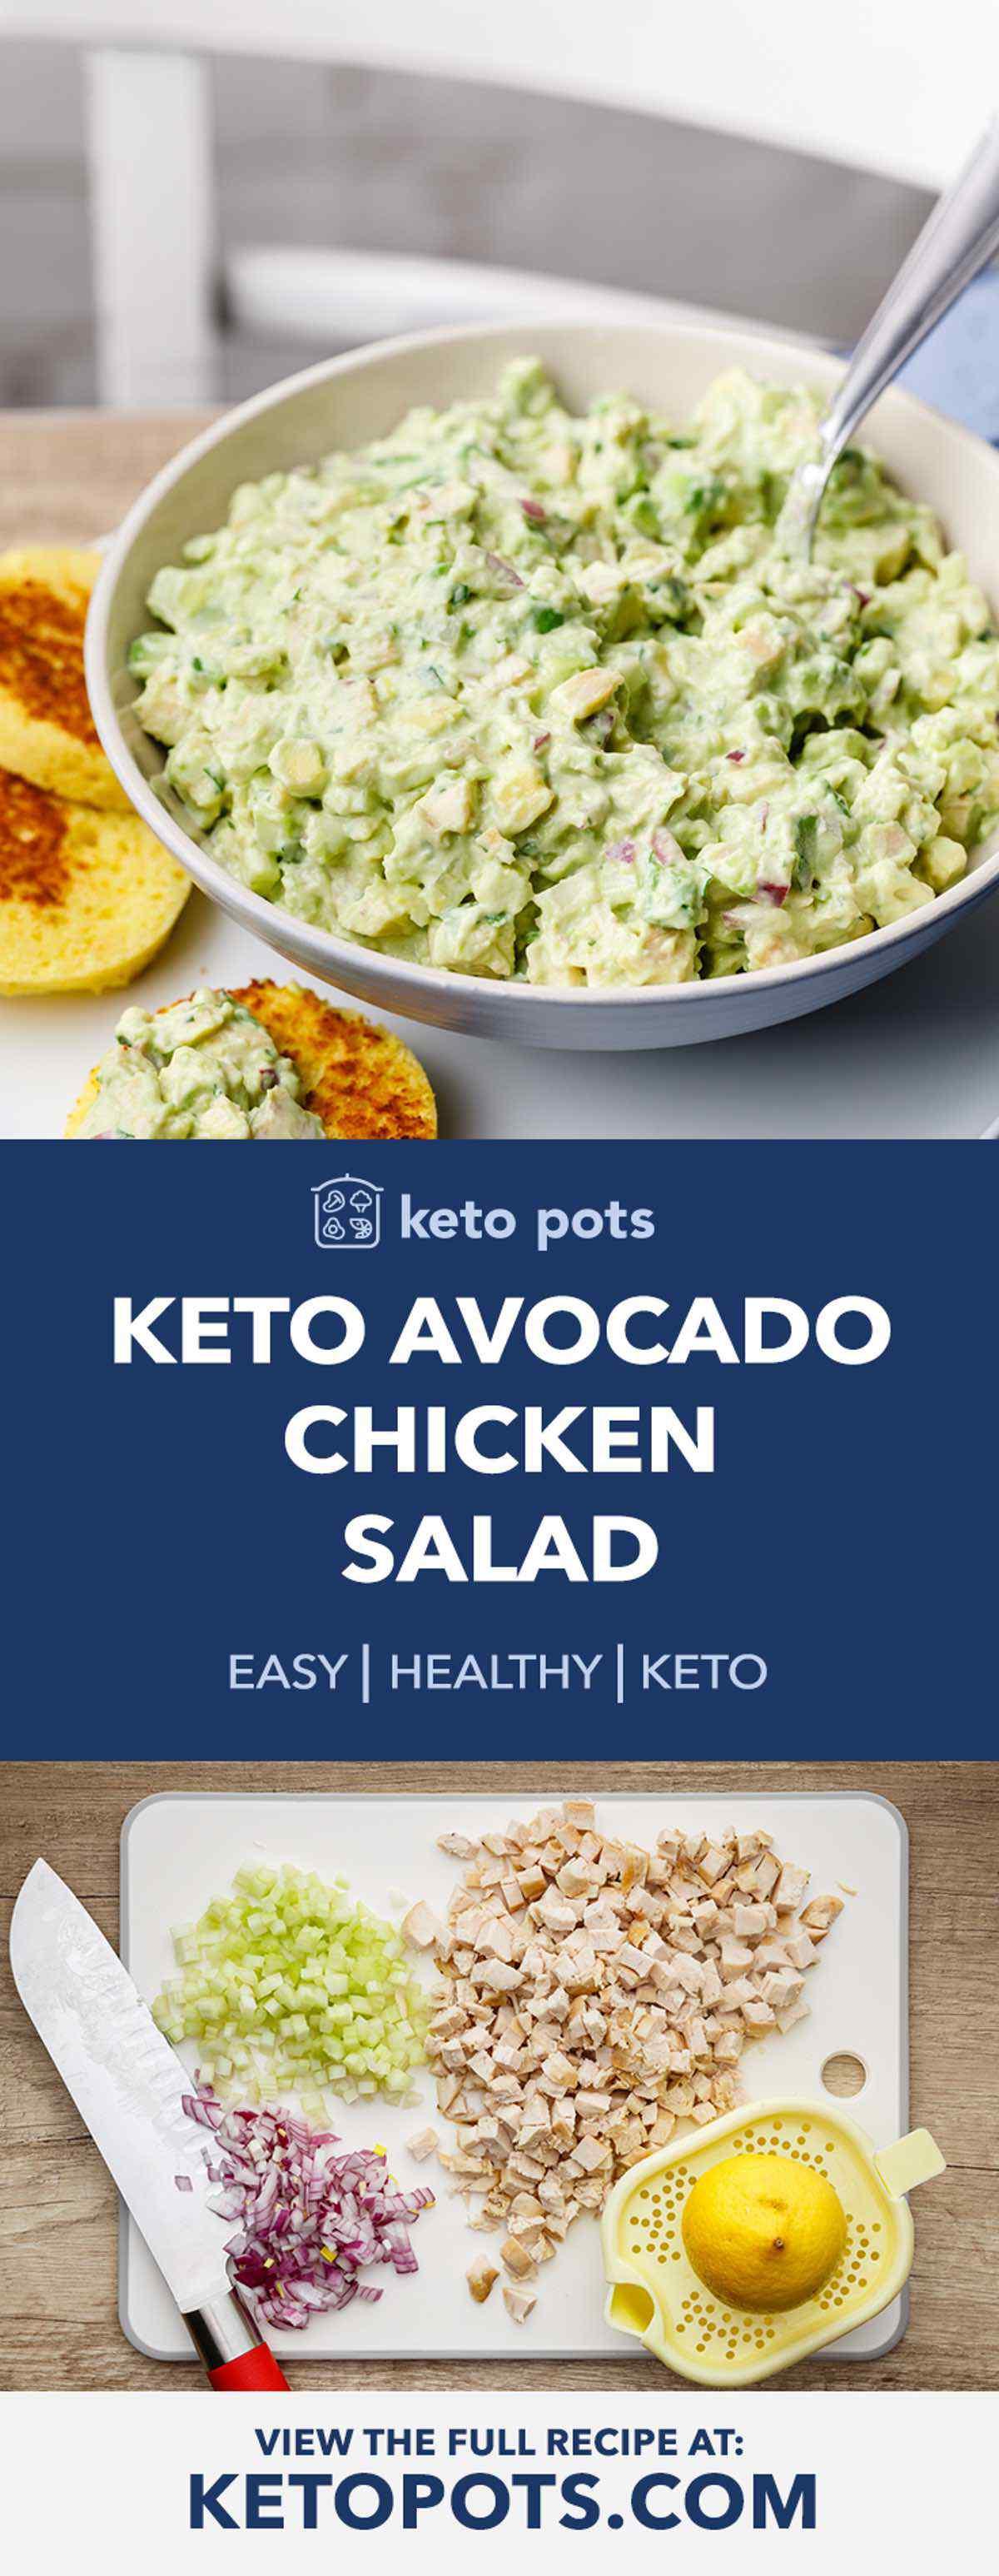 Creamy Avocado Keto Chicken Salad